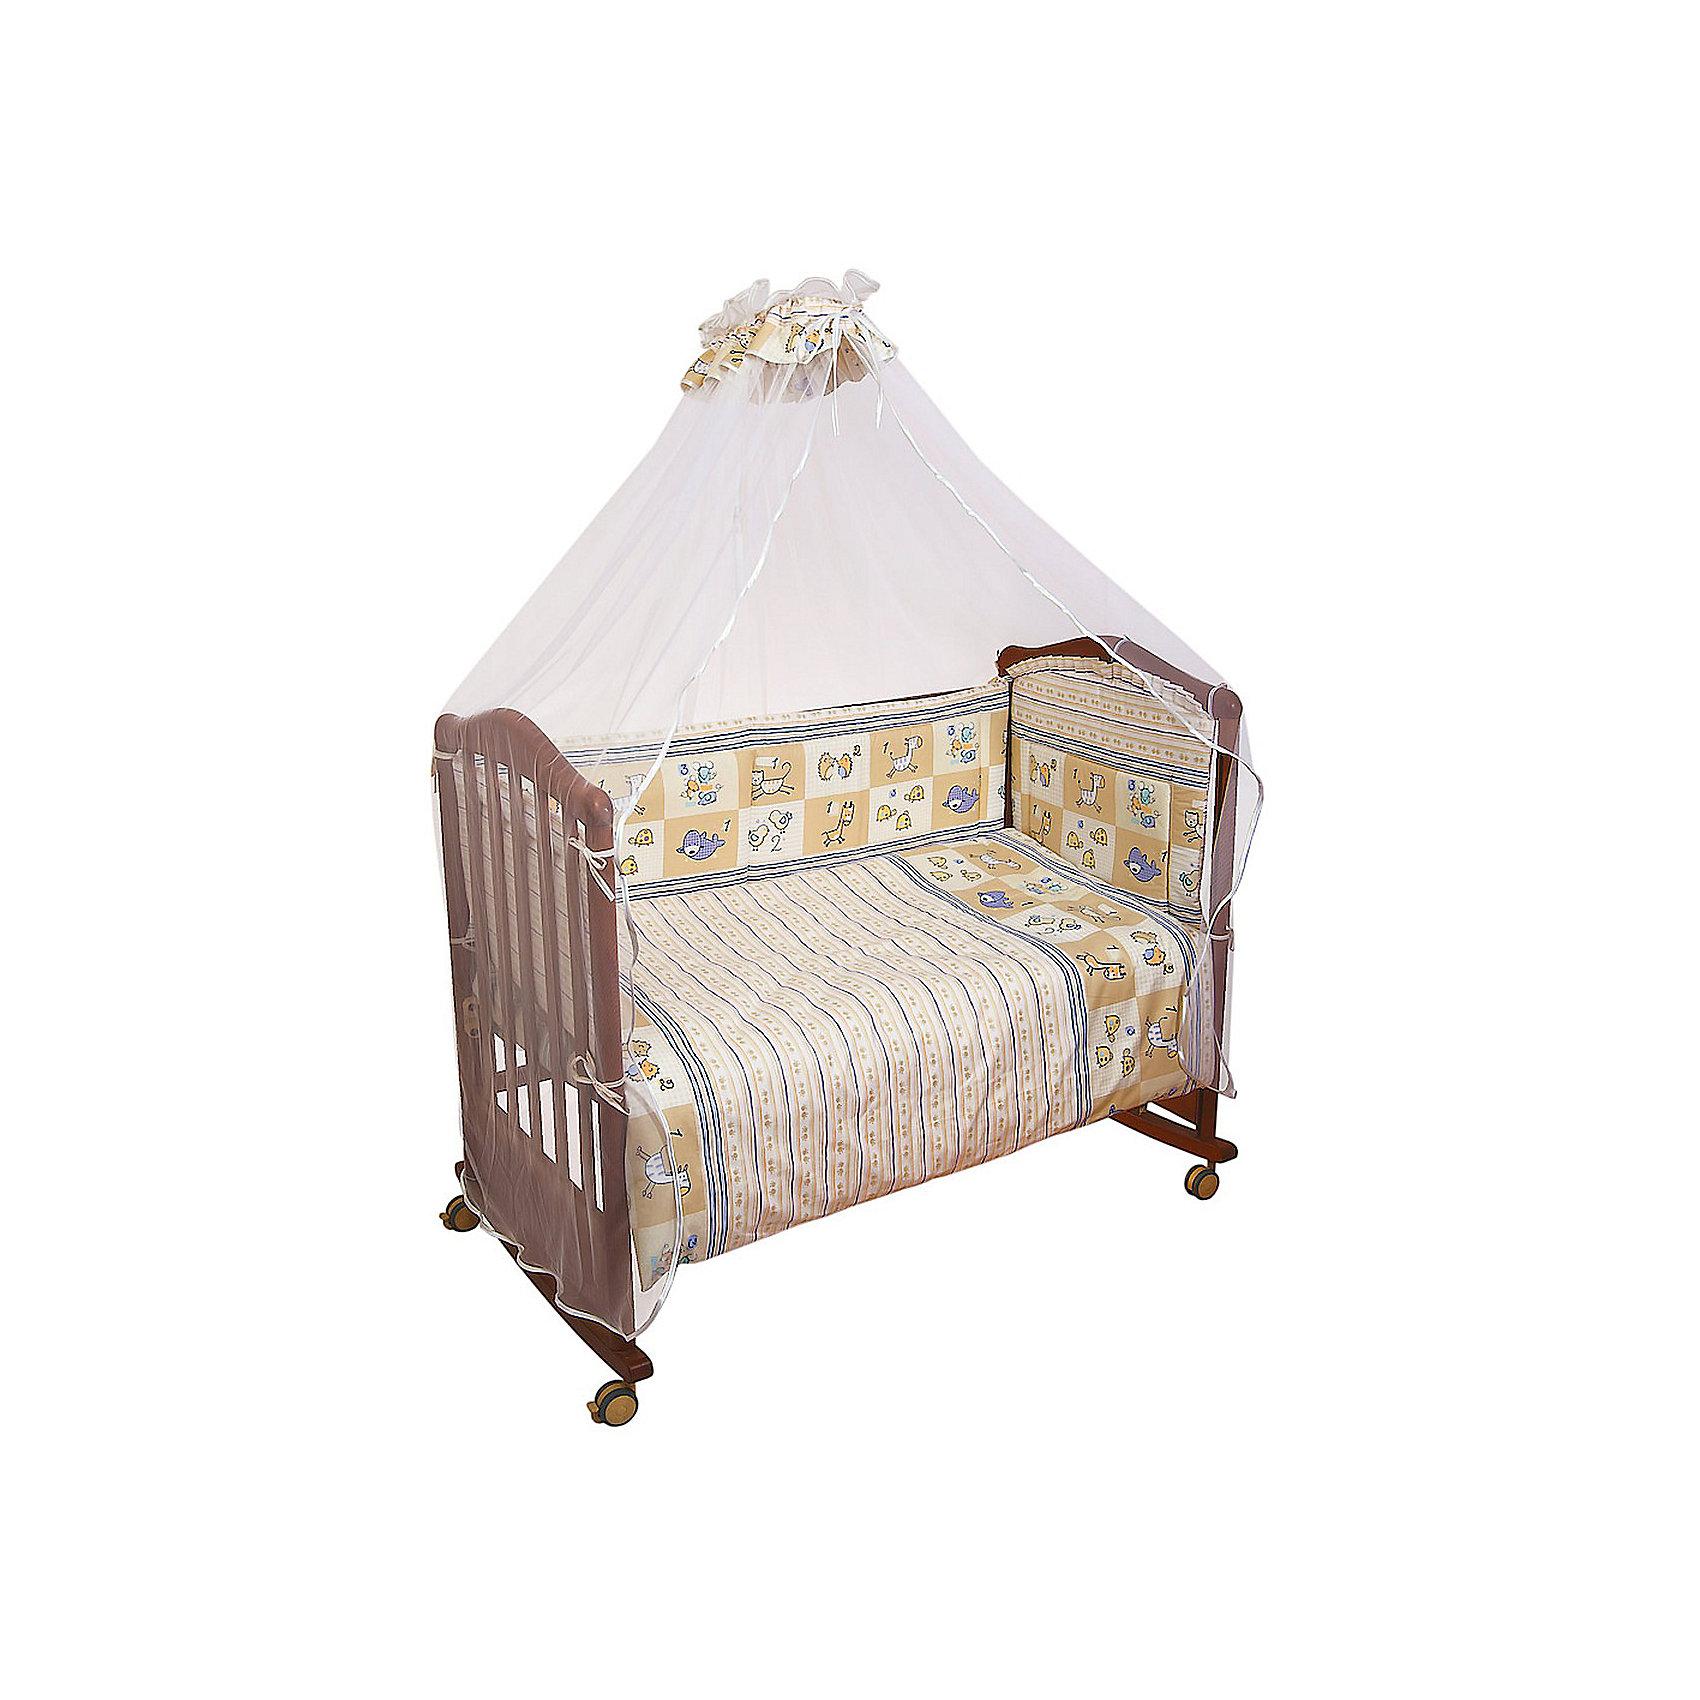 Борт Считалочка, Сонный гномик, бежевыйПостельное бельё<br>Борт Считалочка, Сонный гномик, бежевый - прекрасно подойдет для кроватки вашего малыша, добавит комнате уюта и согреет в прохладные дни.<br>Борт «Считалочка» обеспечит Вашему малышу комфорт и безопасность. Борт защитит младенца от сквозняков, пыли и солнца, а когда малыш подрастет и начнет активно двигаться и вставать в кроватке - убережет от возможных ушибов и травм. Кроме того, борт способствует более быстрому засыпанию, поскольку малыша ничего не будет отвлекать извне. Бортик выполнен в привлекательном для ребенка дизайне с бежевой расцветкой и украшен изображениями милых зверушек, их количество рядом с изображением обозначено цифрой. Высокий борт состоит из четырех частей, легко крепится по всему периметру кроватки при помощи текстильных завязок. Материал несъемной обшивки - нежная бязь из самой тонкой нити, 100% хлопок безупречной выделки. Мягкая и приятная на ощупь ткань, не вызывает аллергии и хорошо пропускает воздух. Деликатные швы рассчитаны на прикосновение к нежной коже ребёнка. Наполнитель - ХоллКон - гипоаллергенный синтетический материал, удерживающий тепло. Борт подходит для кроватки размером 120 х 60 см.<br><br>Дополнительная информация:<br><br>- Цвет: бежевый<br>- Авторский рисунок, рассчитанный специально для малышей<br>- Материал: бязь (100% хлопок), наполнитель – ХоллКон (плотность 400 г/кв.м)<br>- Высота: 38 см.<br>- Общая длина: 360 см.<br>- Размер упаковки: 65 х 14 х 49 см.<br>- Вес: 900 гр.<br><br>Борт Считалочка, Сонный гномик, бежевый можно купить в нашем интернет-магазине.<br><br>Ширина мм: 65<br>Глубина мм: 14<br>Высота мм: 49<br>Вес г: 900<br>Возраст от месяцев: 0<br>Возраст до месяцев: 48<br>Пол: Унисекс<br>Возраст: Детский<br>SKU: 4633117